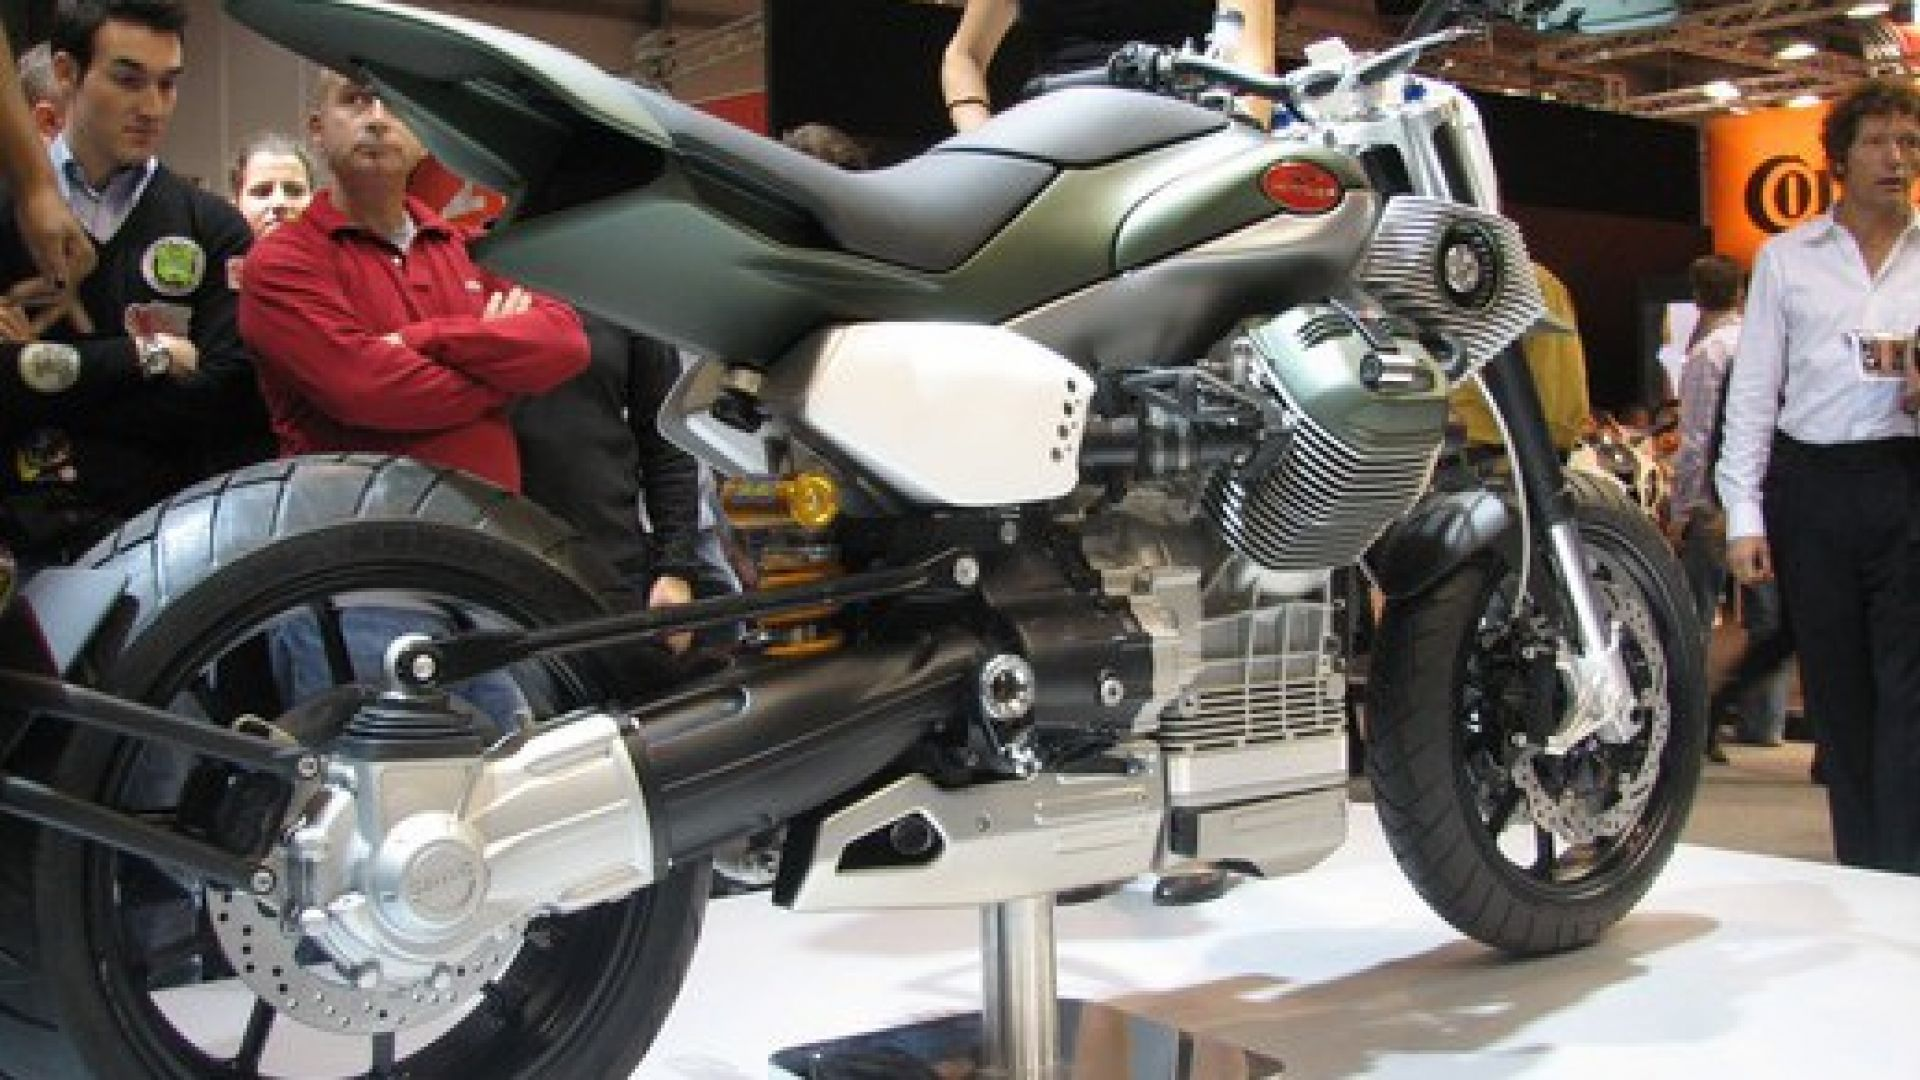 Immagine 104: Eicma 2009 live, tutto il Salone in 210 foto